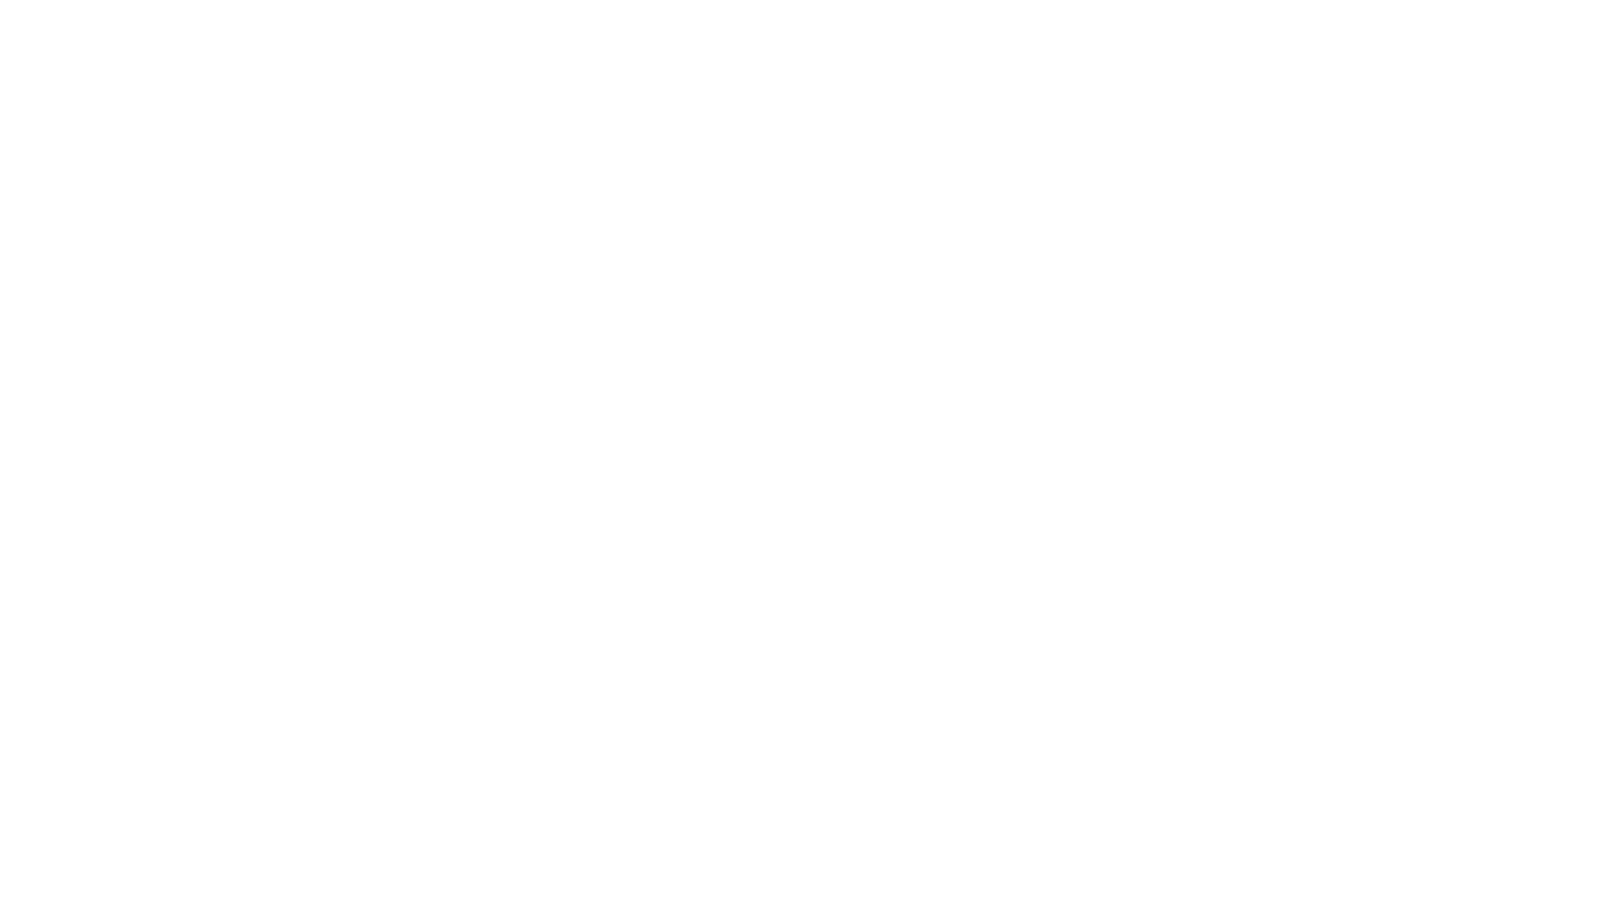 Здравейте , братя и сестри БЪЛГАРИ ! ТРЯБВА ДА УНИЩОЖИМ ШИРЕЩАТА СЕ ПРЕСТЪПНОСТ В СТРАНАТА НИ.    ДА ЖИВЕЕ БЪЛГАРИЯ !!!    Facebook page :  Петър Низамов Petar Nizamov  https://www.facebook.com/PetarNizamovNews  Бихте ли подкрепили създадено от Петър Низамов политическо движение https://www.facebook.com/PetarNizamov.Political.Movement/     ПОСЛЕДВАЙ НИ В НАШИТЕ САЙТОВЕ: https://petarnizamov.com/  https://balgarianovinite.com/  Последвай видео-каналите ни: https://www.vbox7.com/user:petar_nizamov https://www.youtube.com/channel/UCX6JcL9UABvNxaIE0MjsTpQ https://www.youtube.com/channel/UCtoqUmEGjYLLtwSv5IRiYzQ https://www.youtube.com/channel/UCVElRDSdBTqTiK_URqmapBQ https://www.youtube.com/channel/UCDJPwOE7xkaCwoS-0SkNAcA https://www.youtube.com/channel/UCC9i8XZoXcrK7RkOCik21YA   Linkedin : https://www.linkedin.com/in/petar-nizamov/ Instagram : https://www.instagram.com/petar_nizamov/ Twitter : https://twitter.com/Petar_Nizamov/